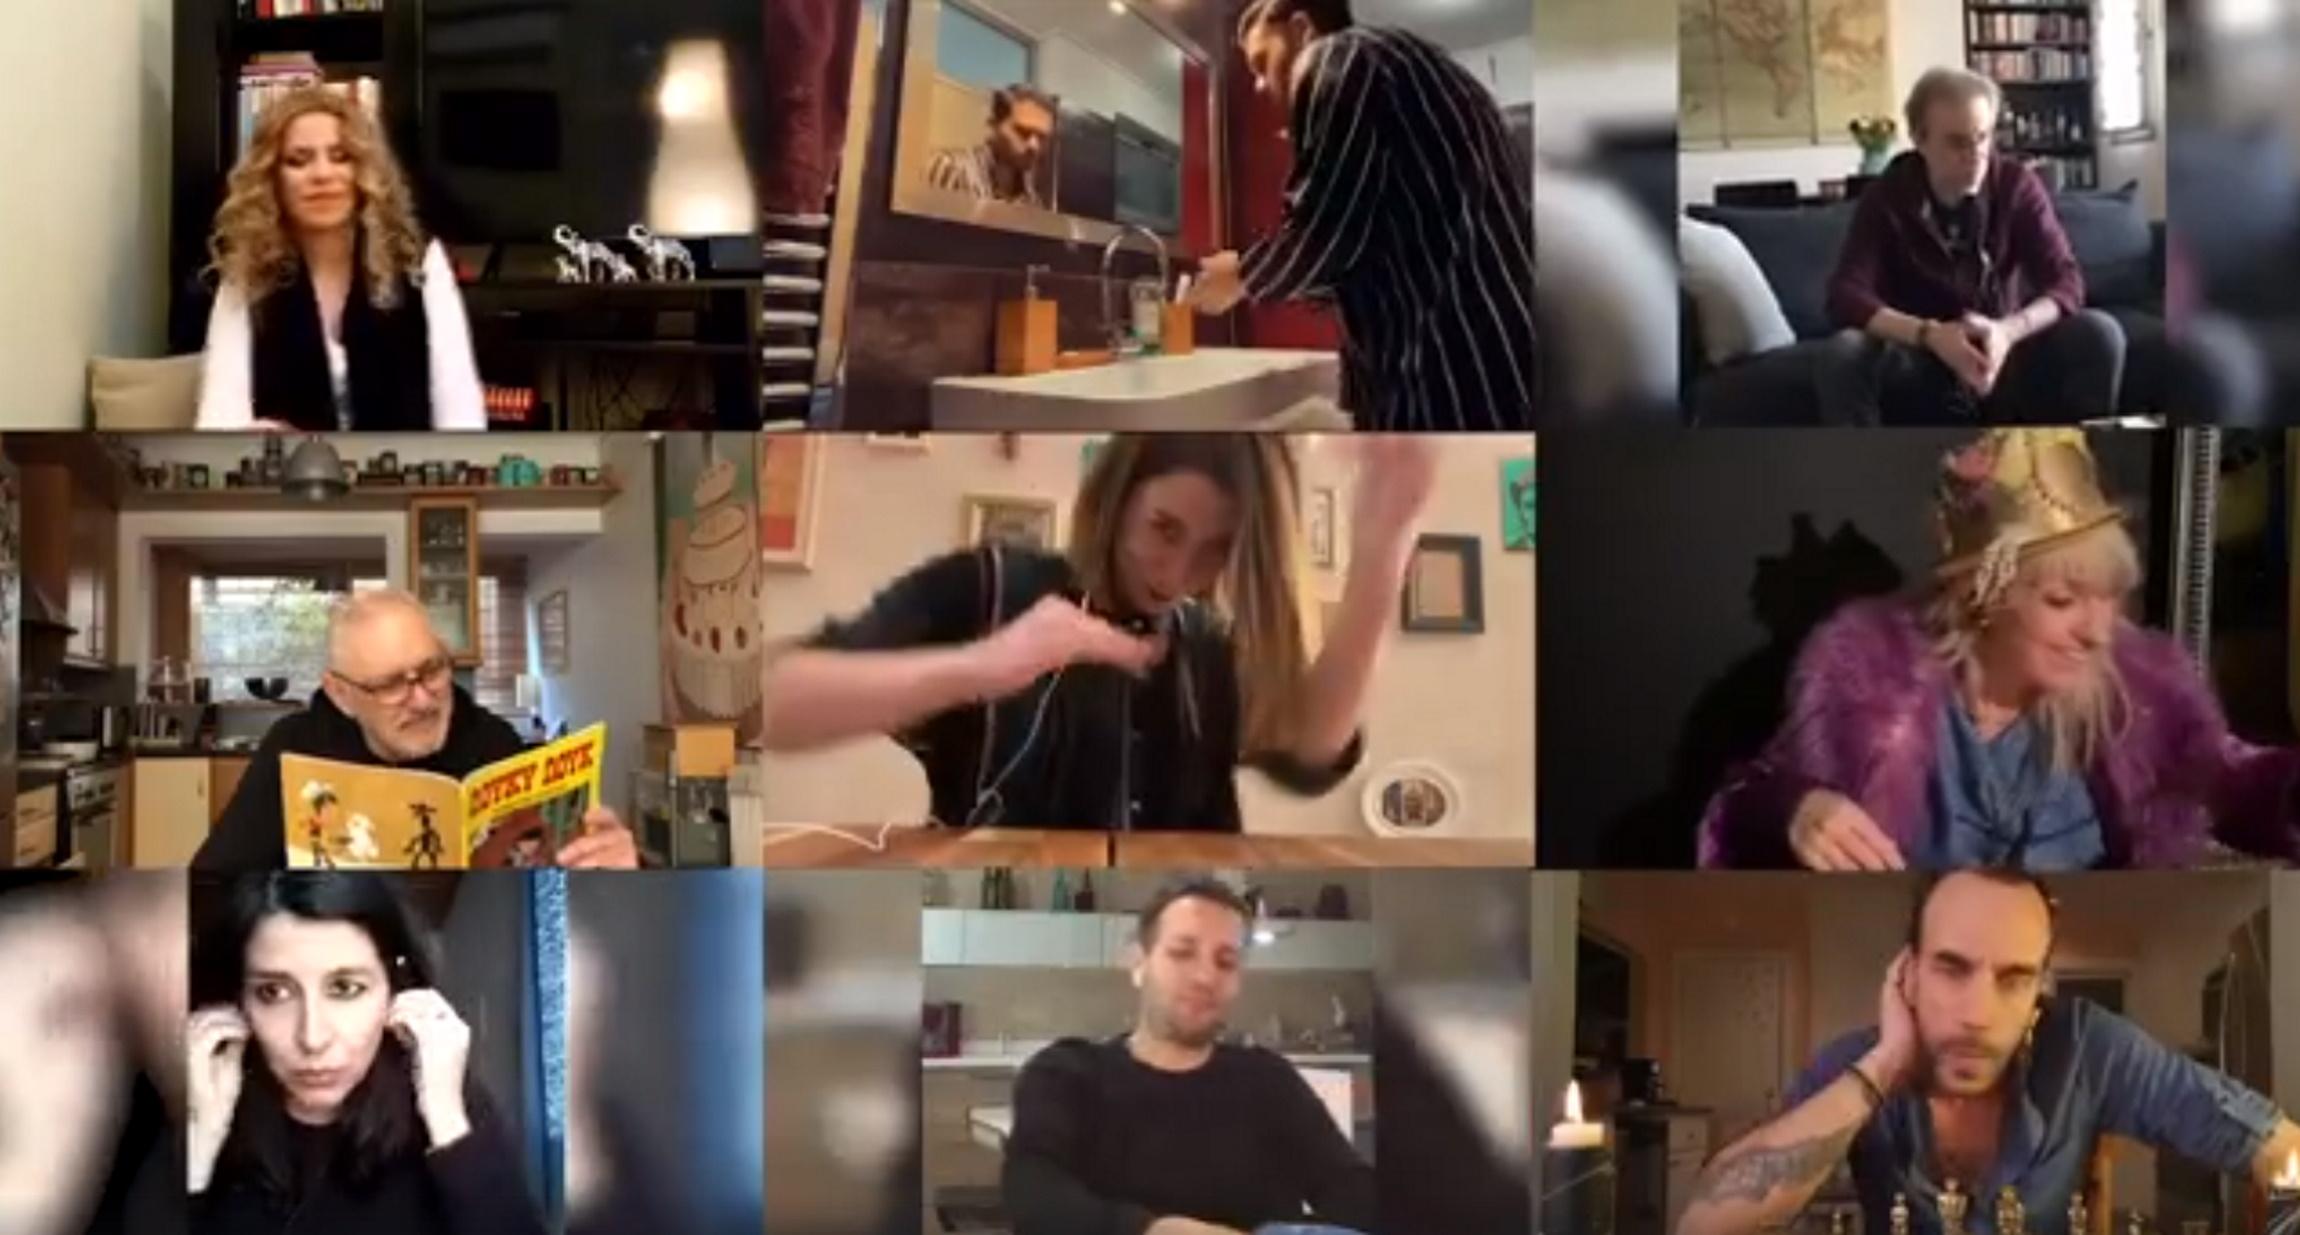 Κυριάκος Μητσοτάκης: «Μένουμε σπίτι» με Κηλαηδόνη και… το μισό ελληνικό πεντάγραμμο! Βίντεο